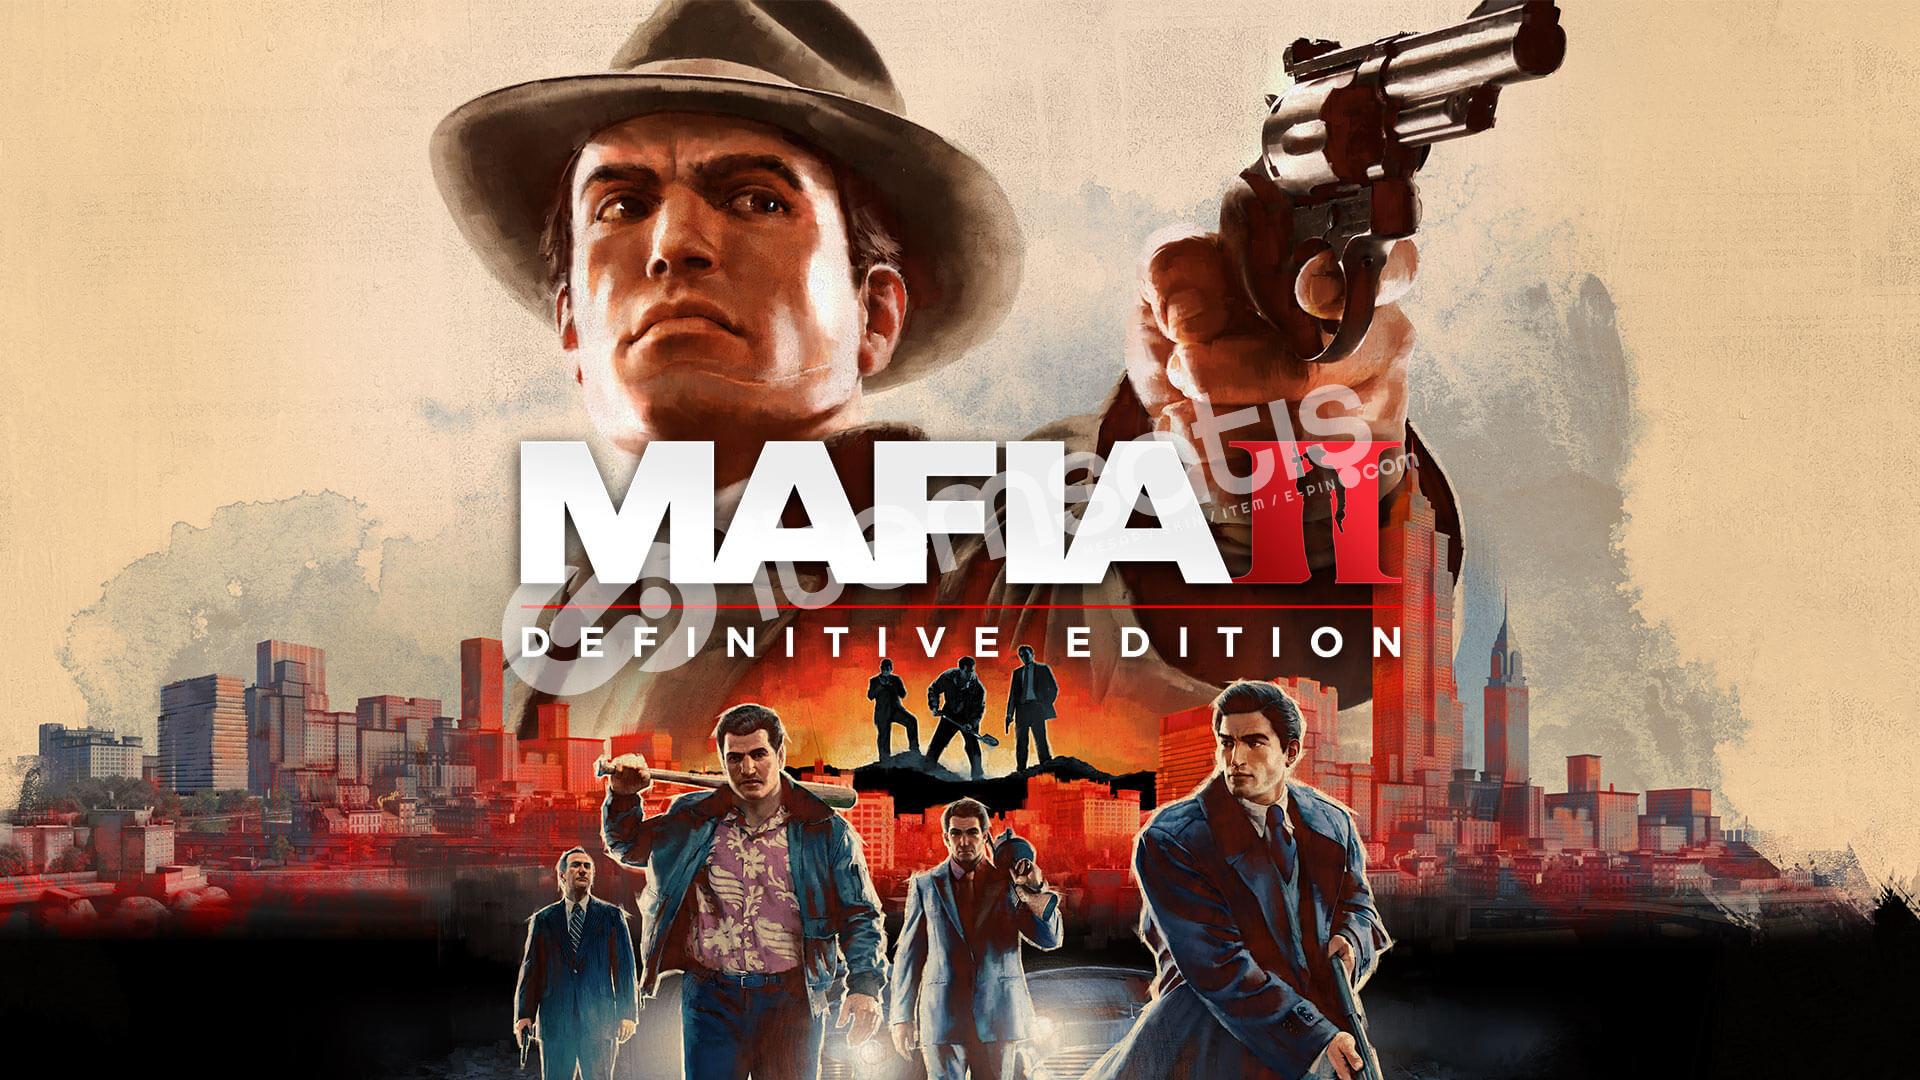 Mafia II: Definitive Edition + Mafia II Classic (3.00TL)